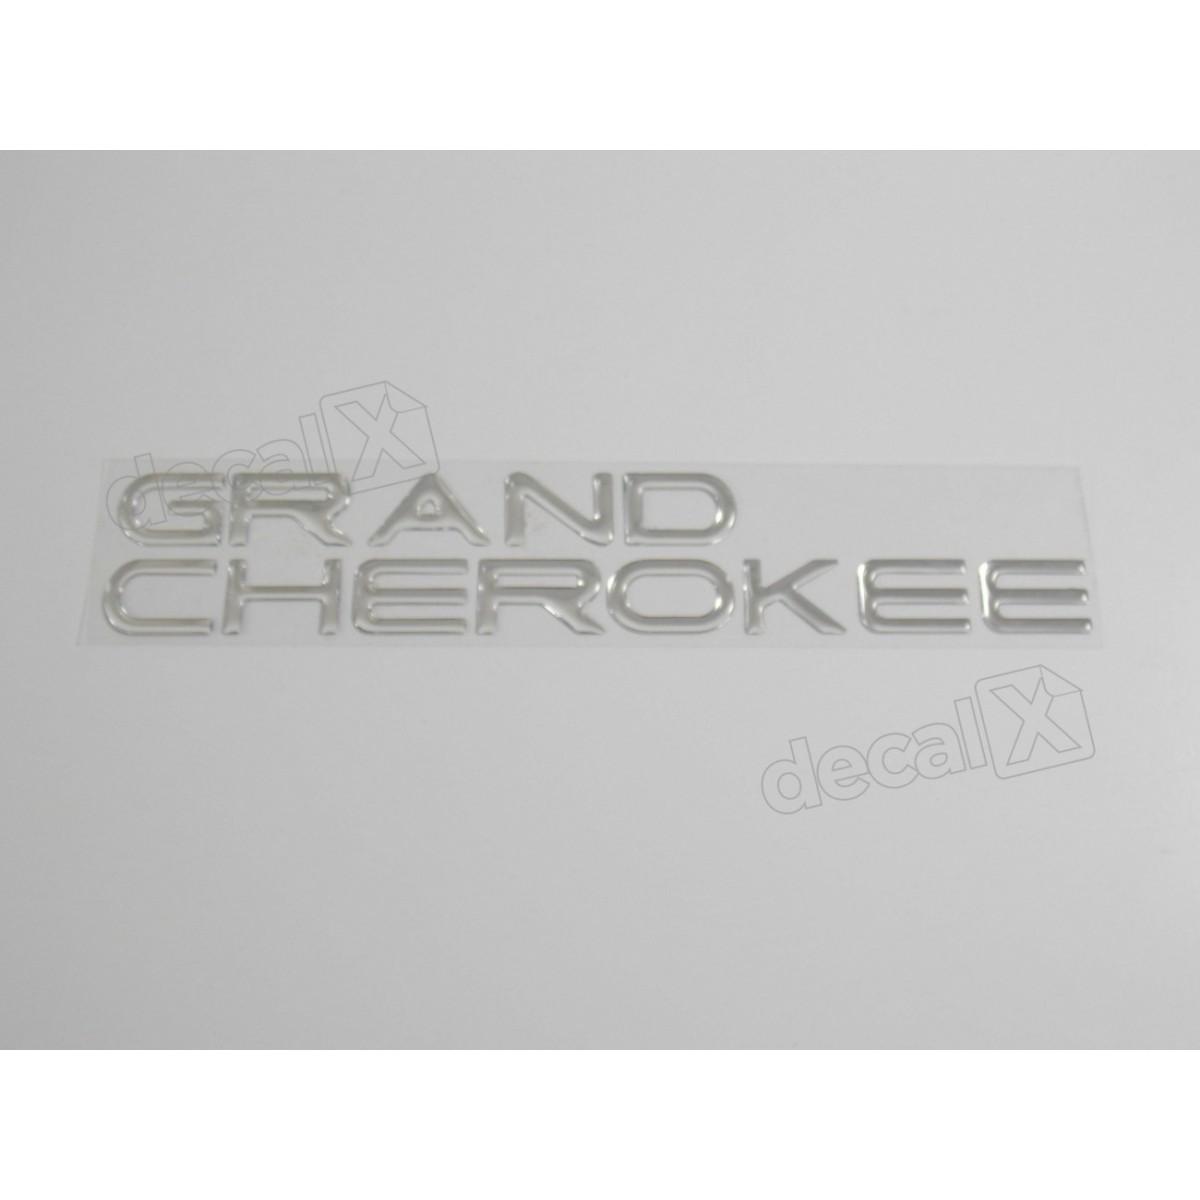 Emblema Adesivo Resinado Gran Cherokee Cromado - Decalx